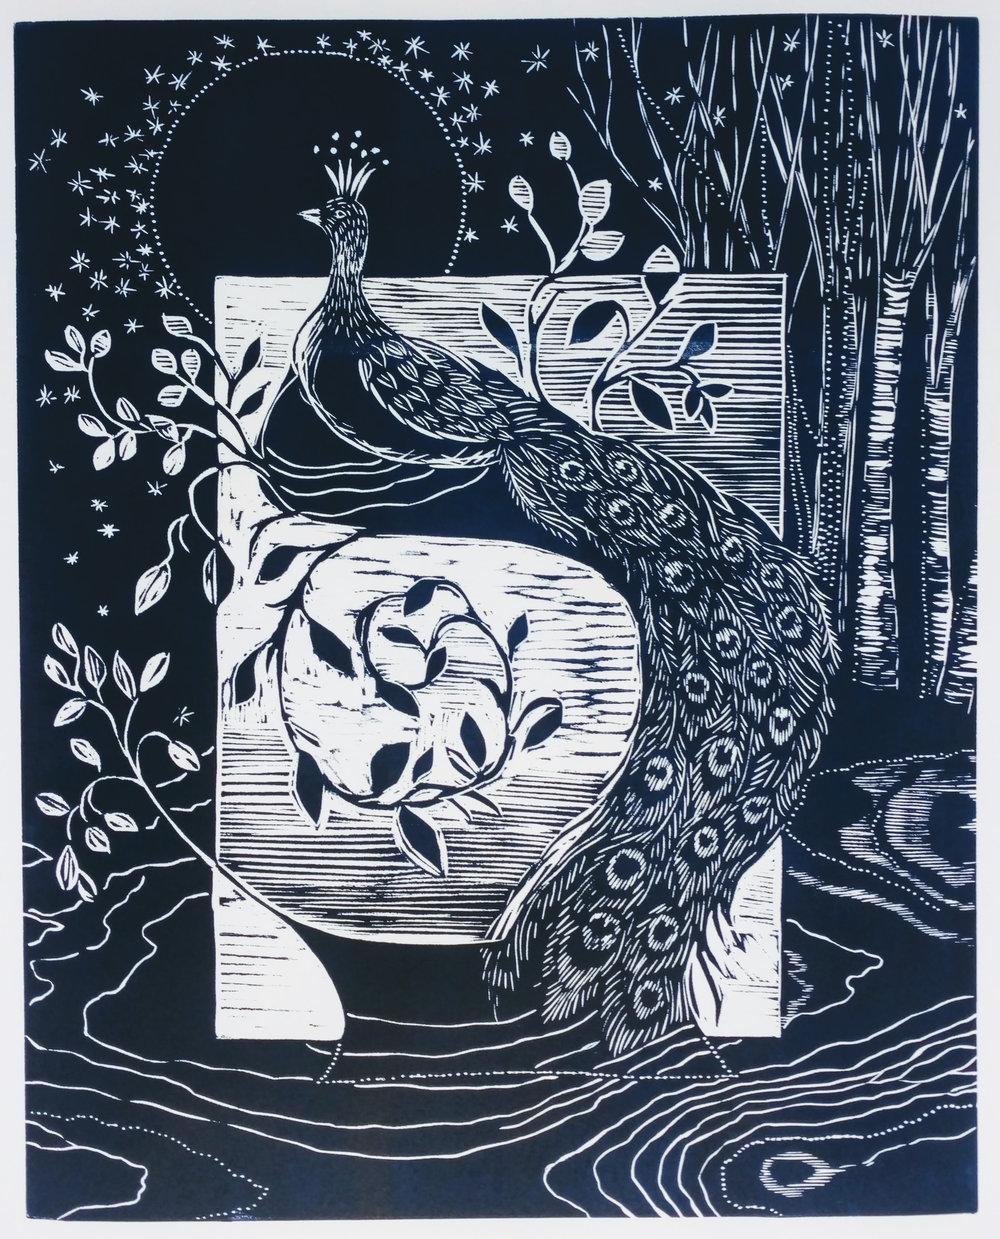 peacock_woodcut.JPG